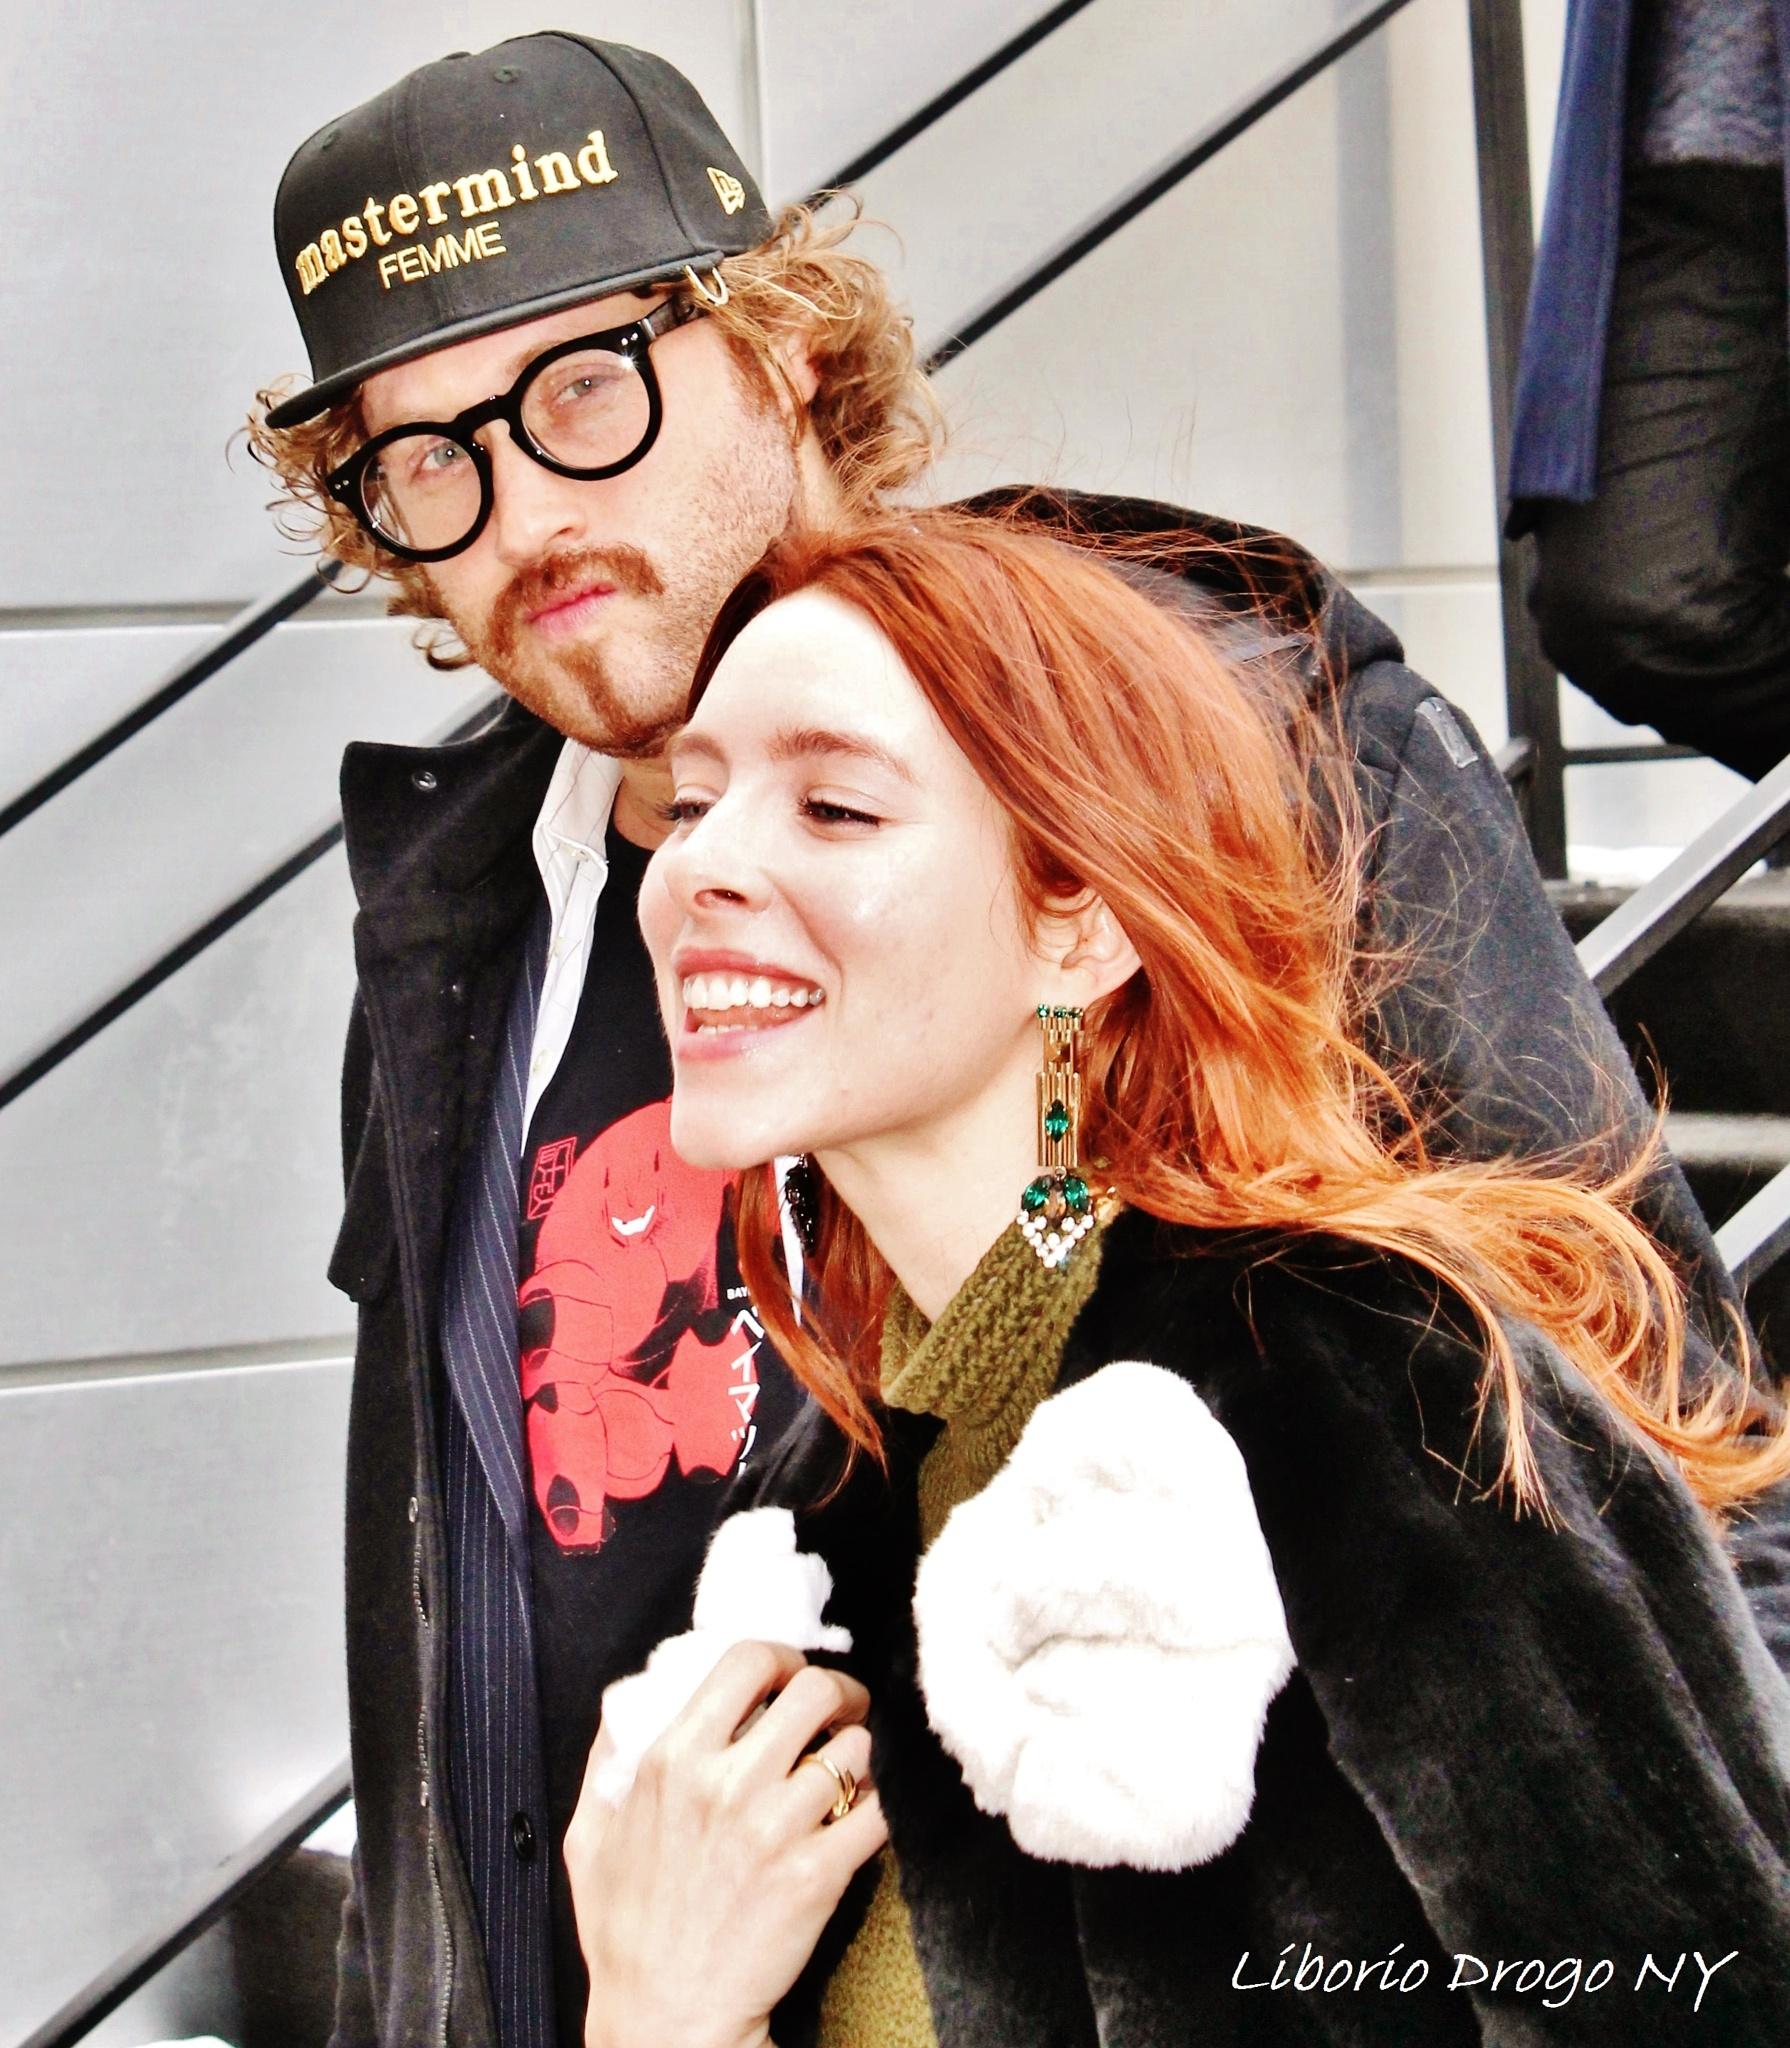 NYFW Couple, by Liborio Drogo